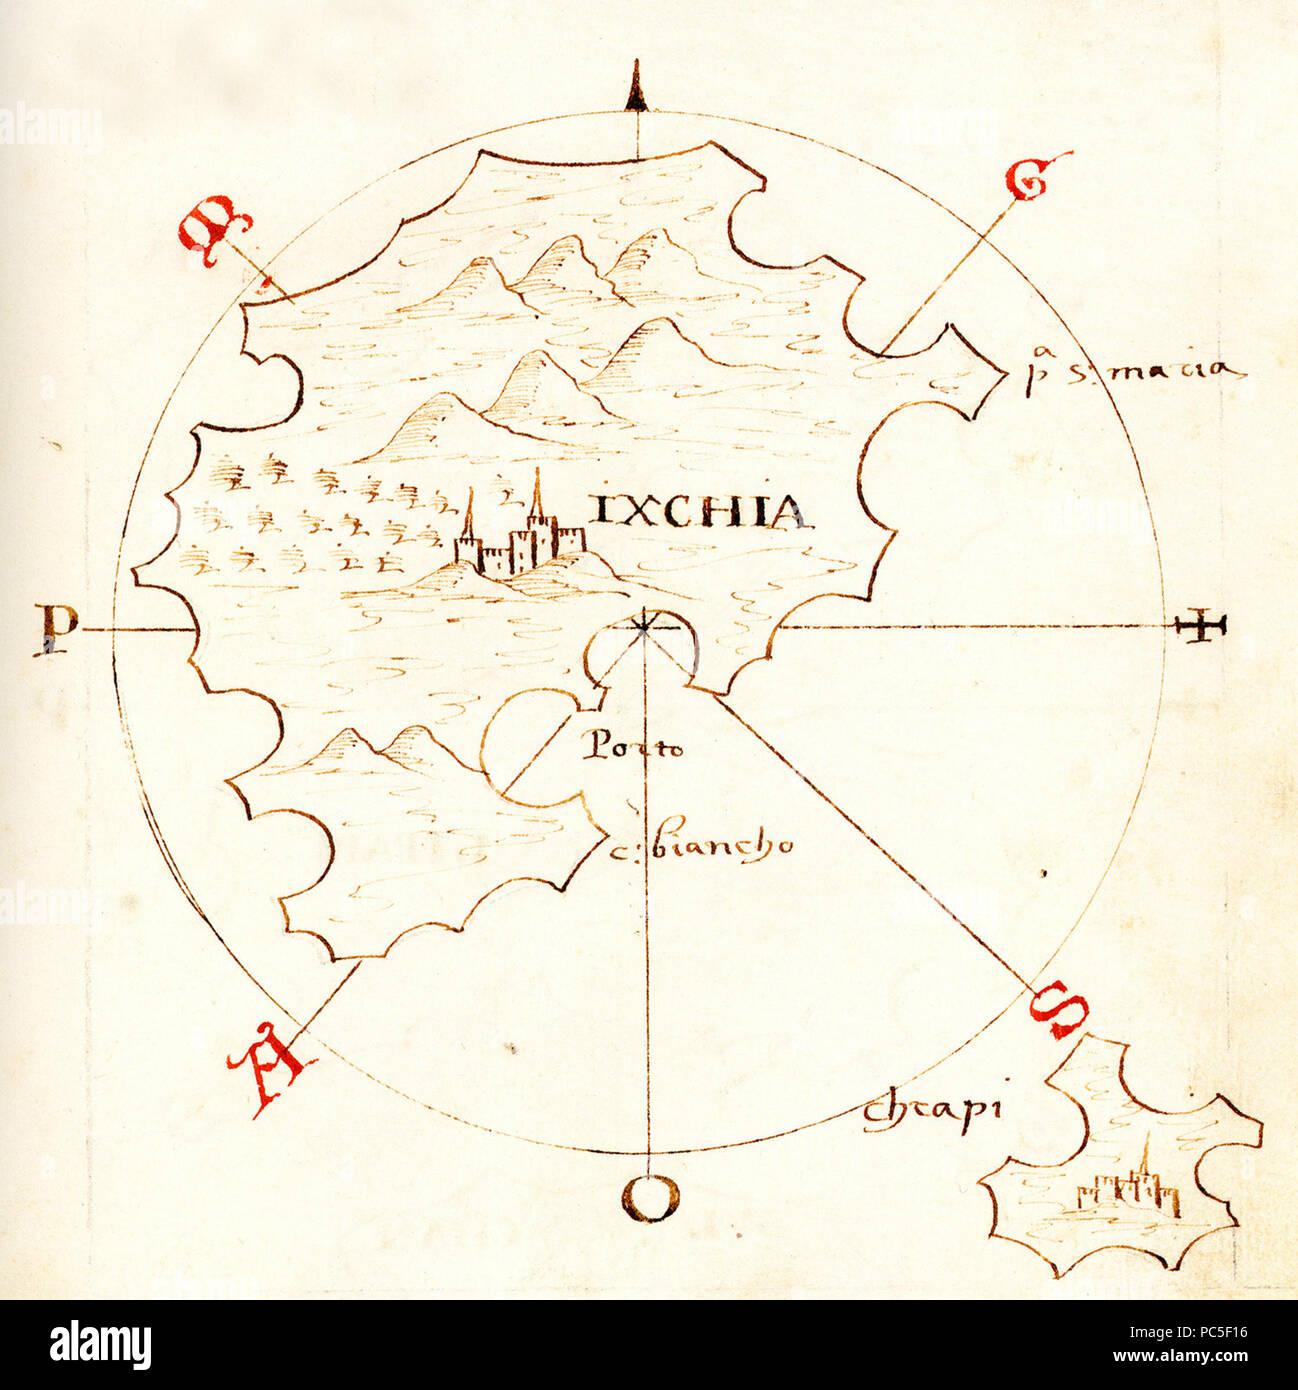 Fysikos Xarths Ths Italias Dianysmatikh Apeikonish Eikonografia